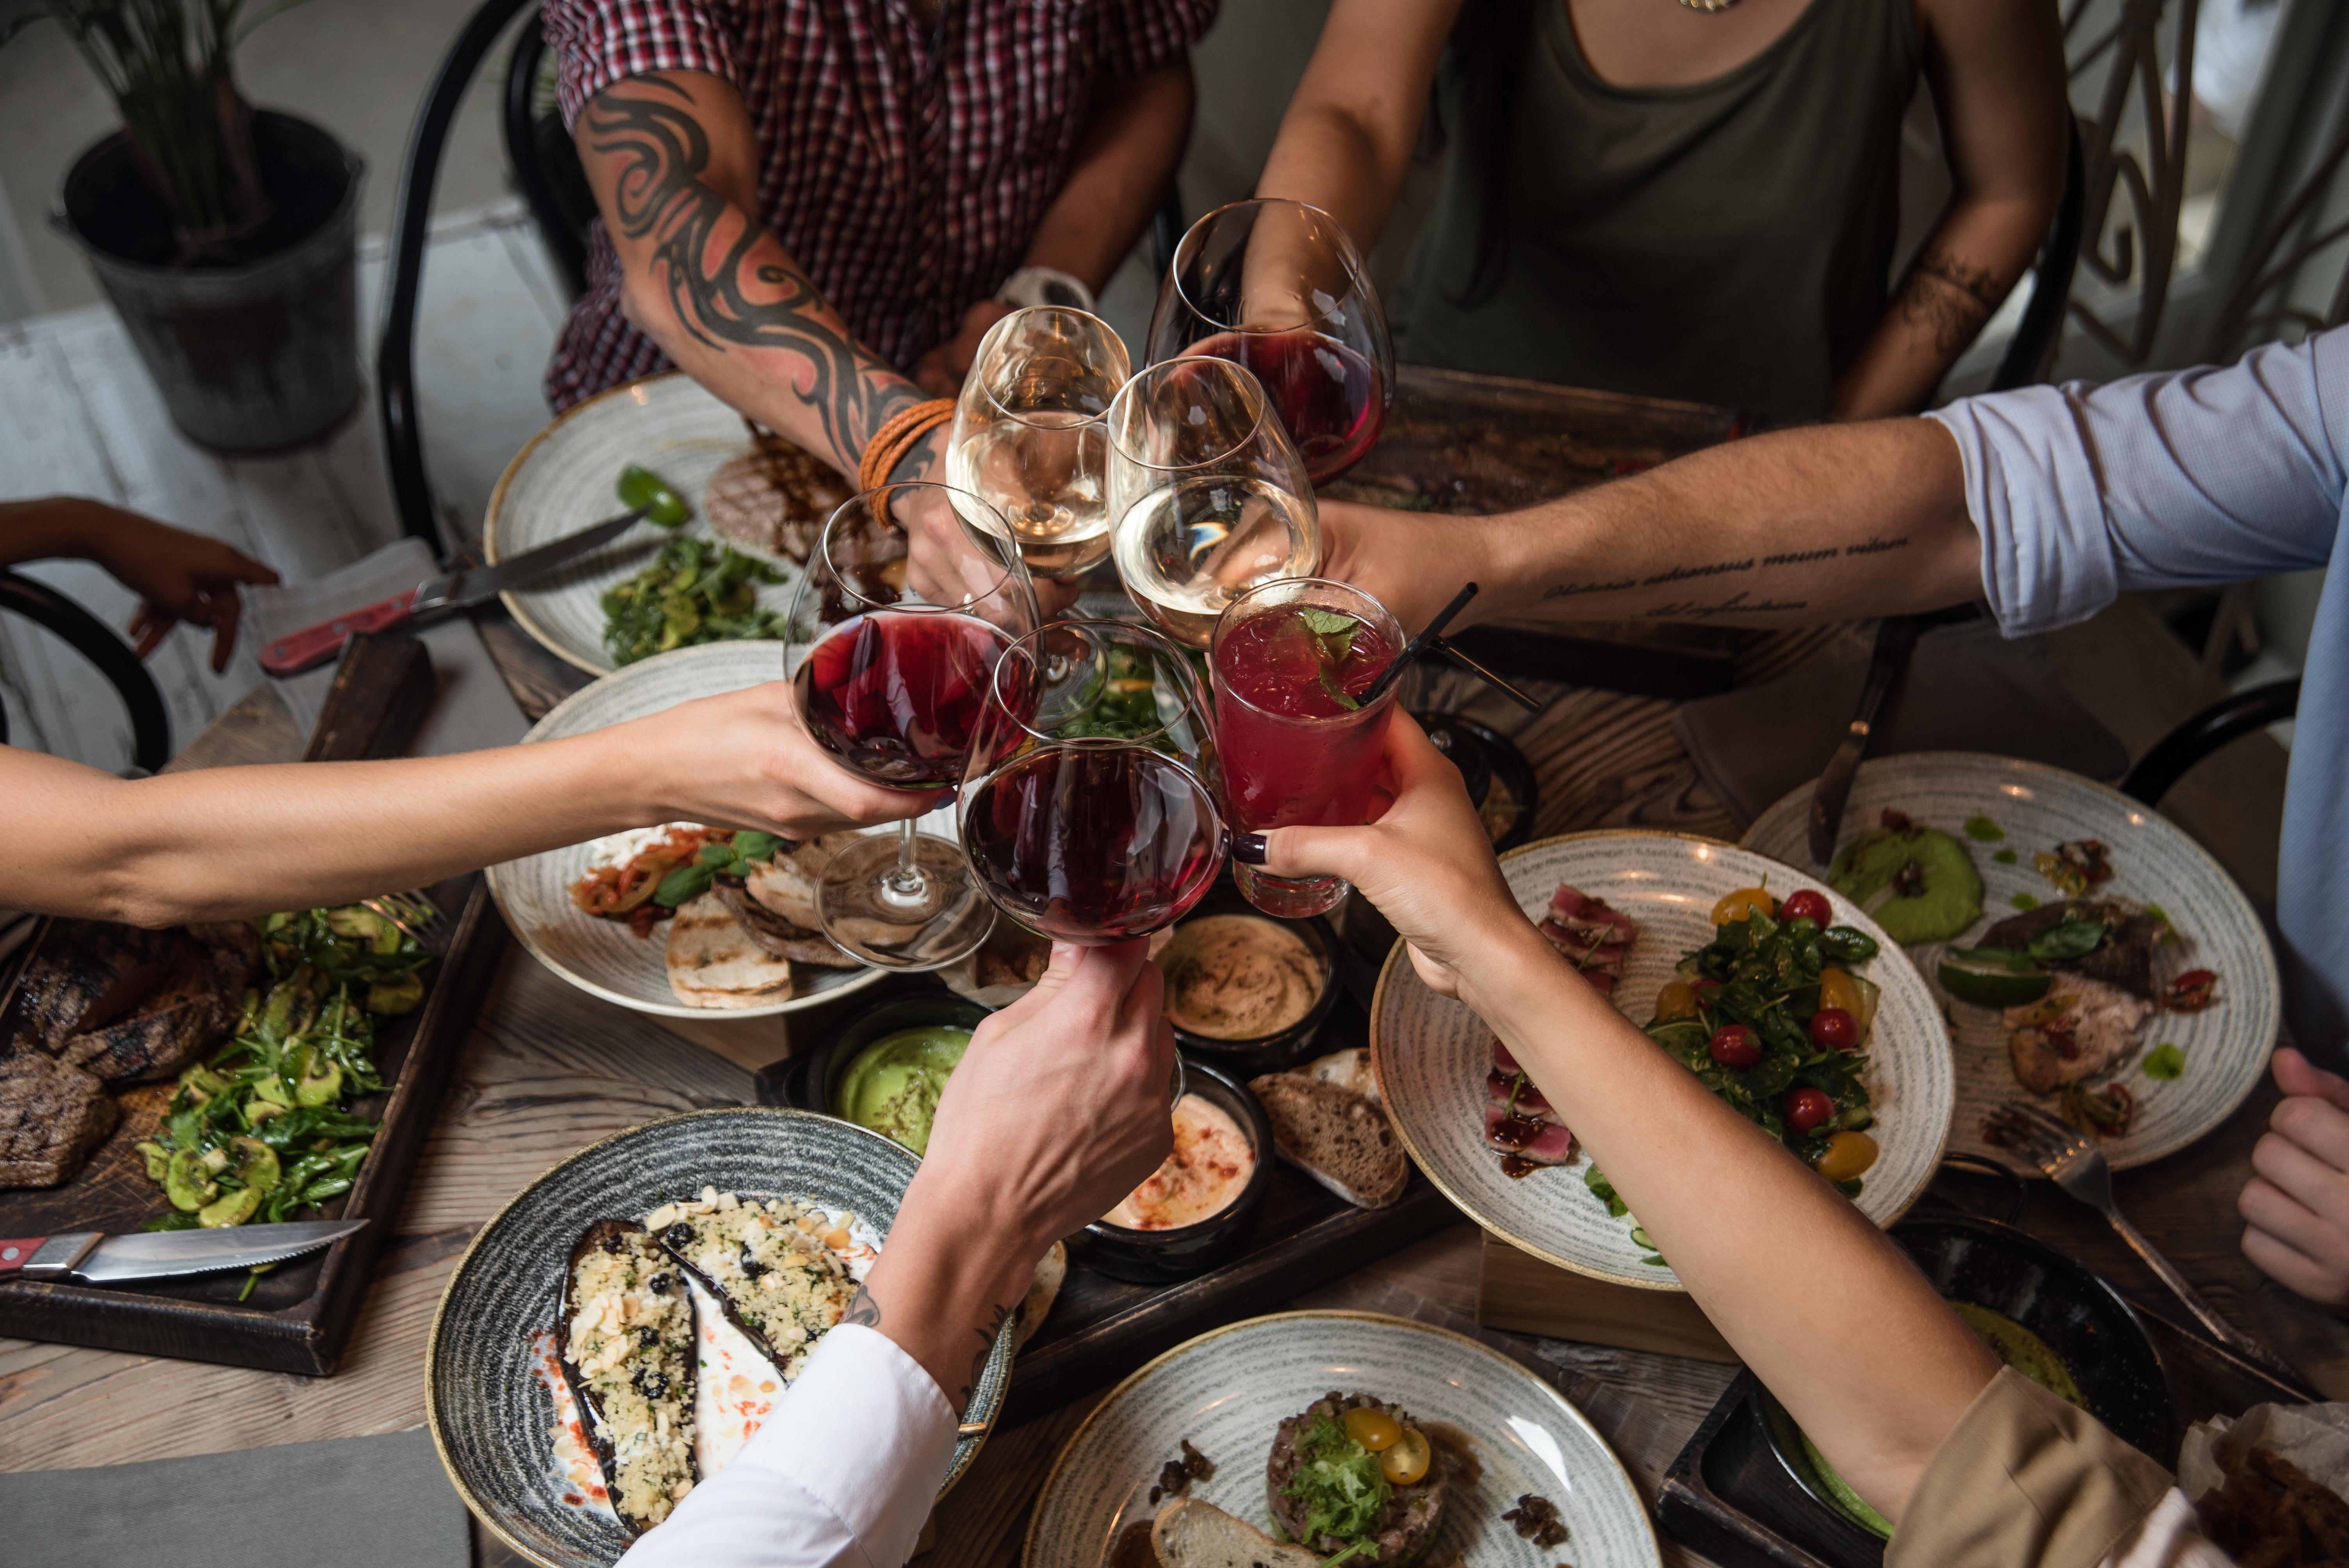 картинки ужин с друзьями для своего времени